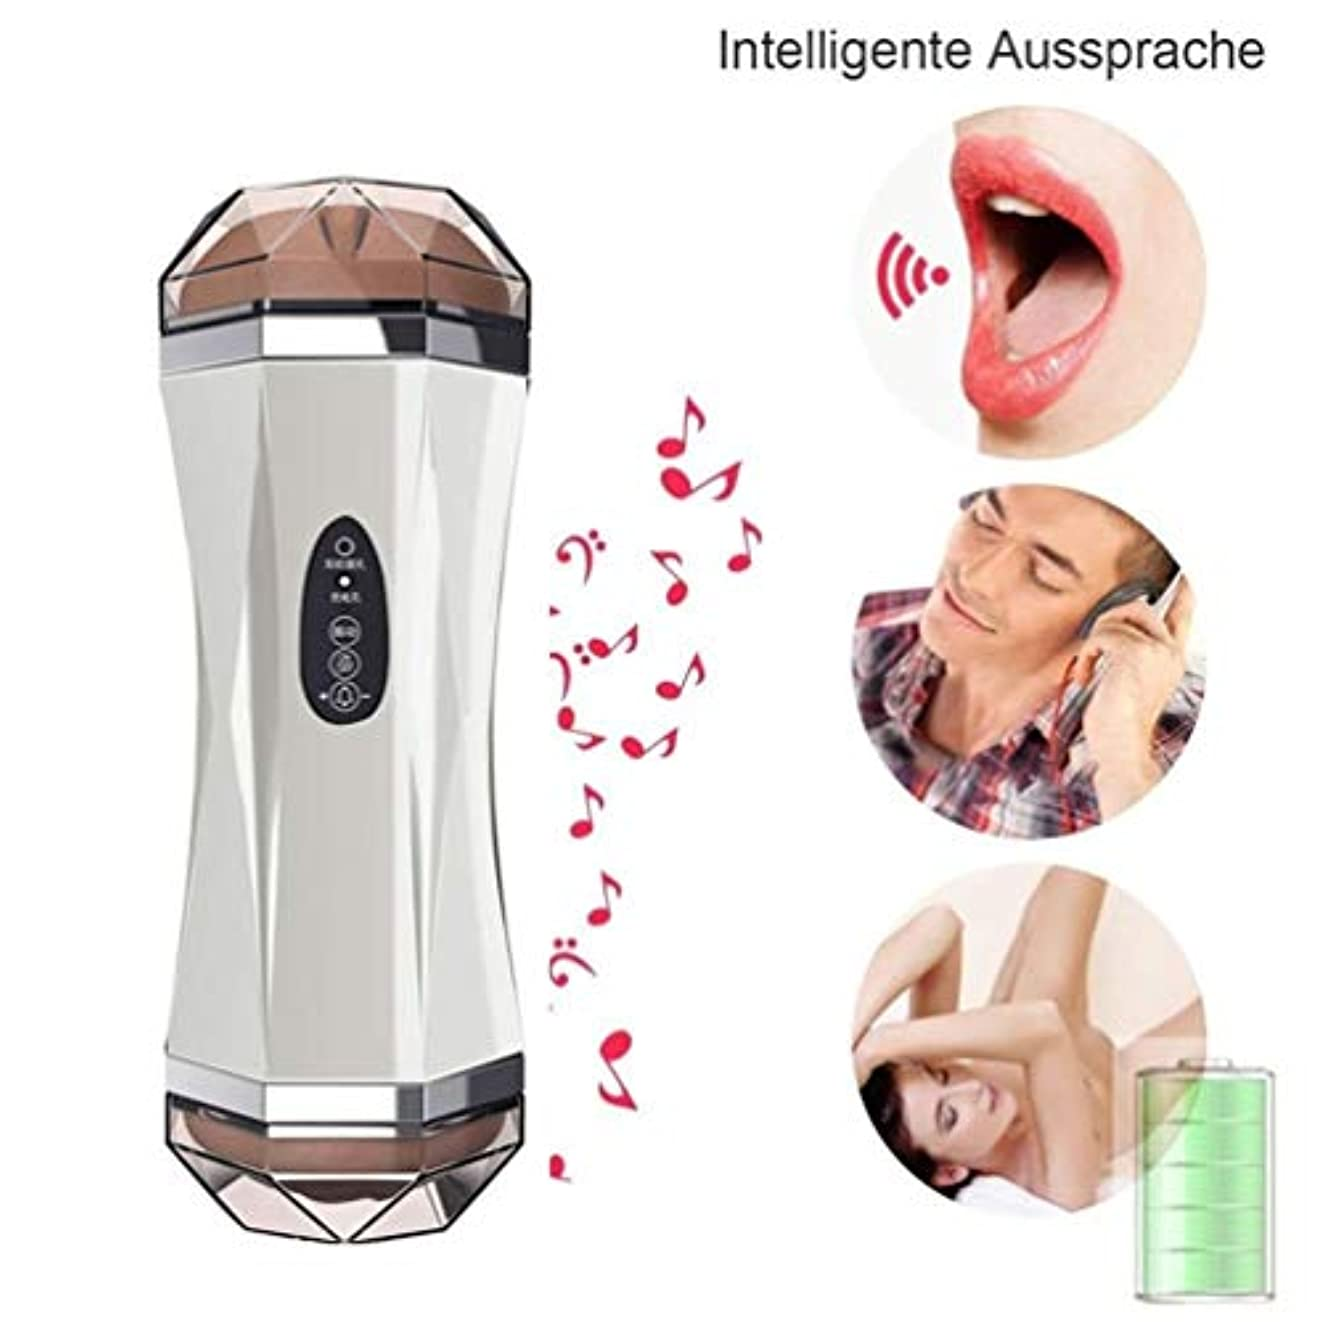 トリプルビジュアル黄ばむWoouu 現実的な玩具口腔しゃぶり安全で柔らかいシリコーン素材USB充電女性唇の形男性持久力トレーナー